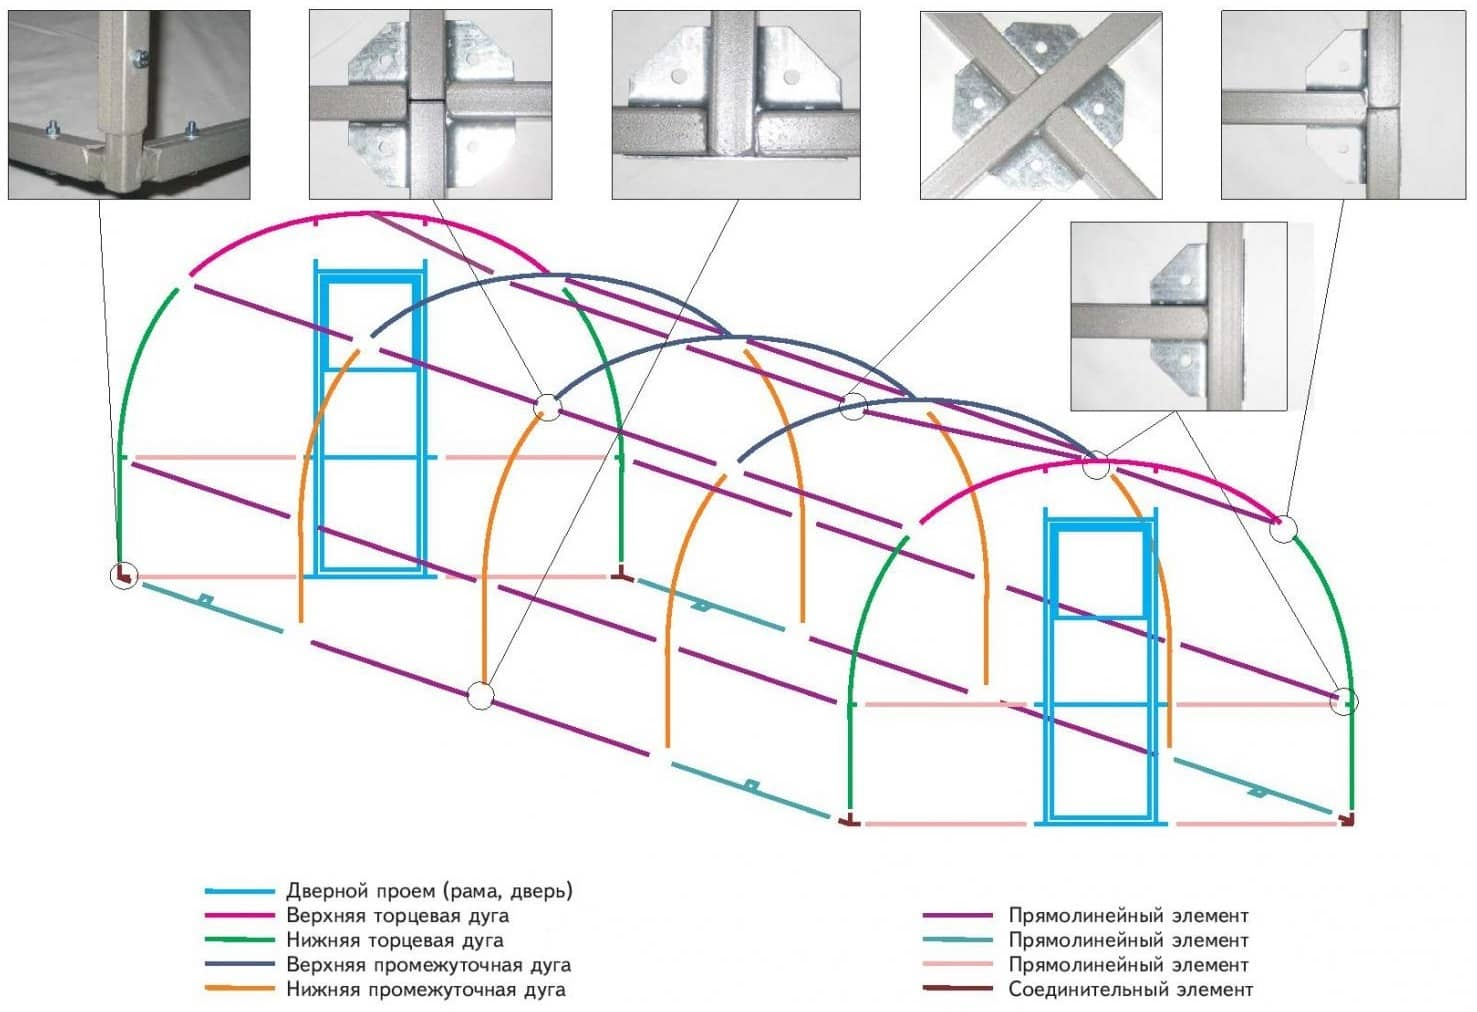 Теплица из полиэтиленовых труб своими руками пошаговая инструкция